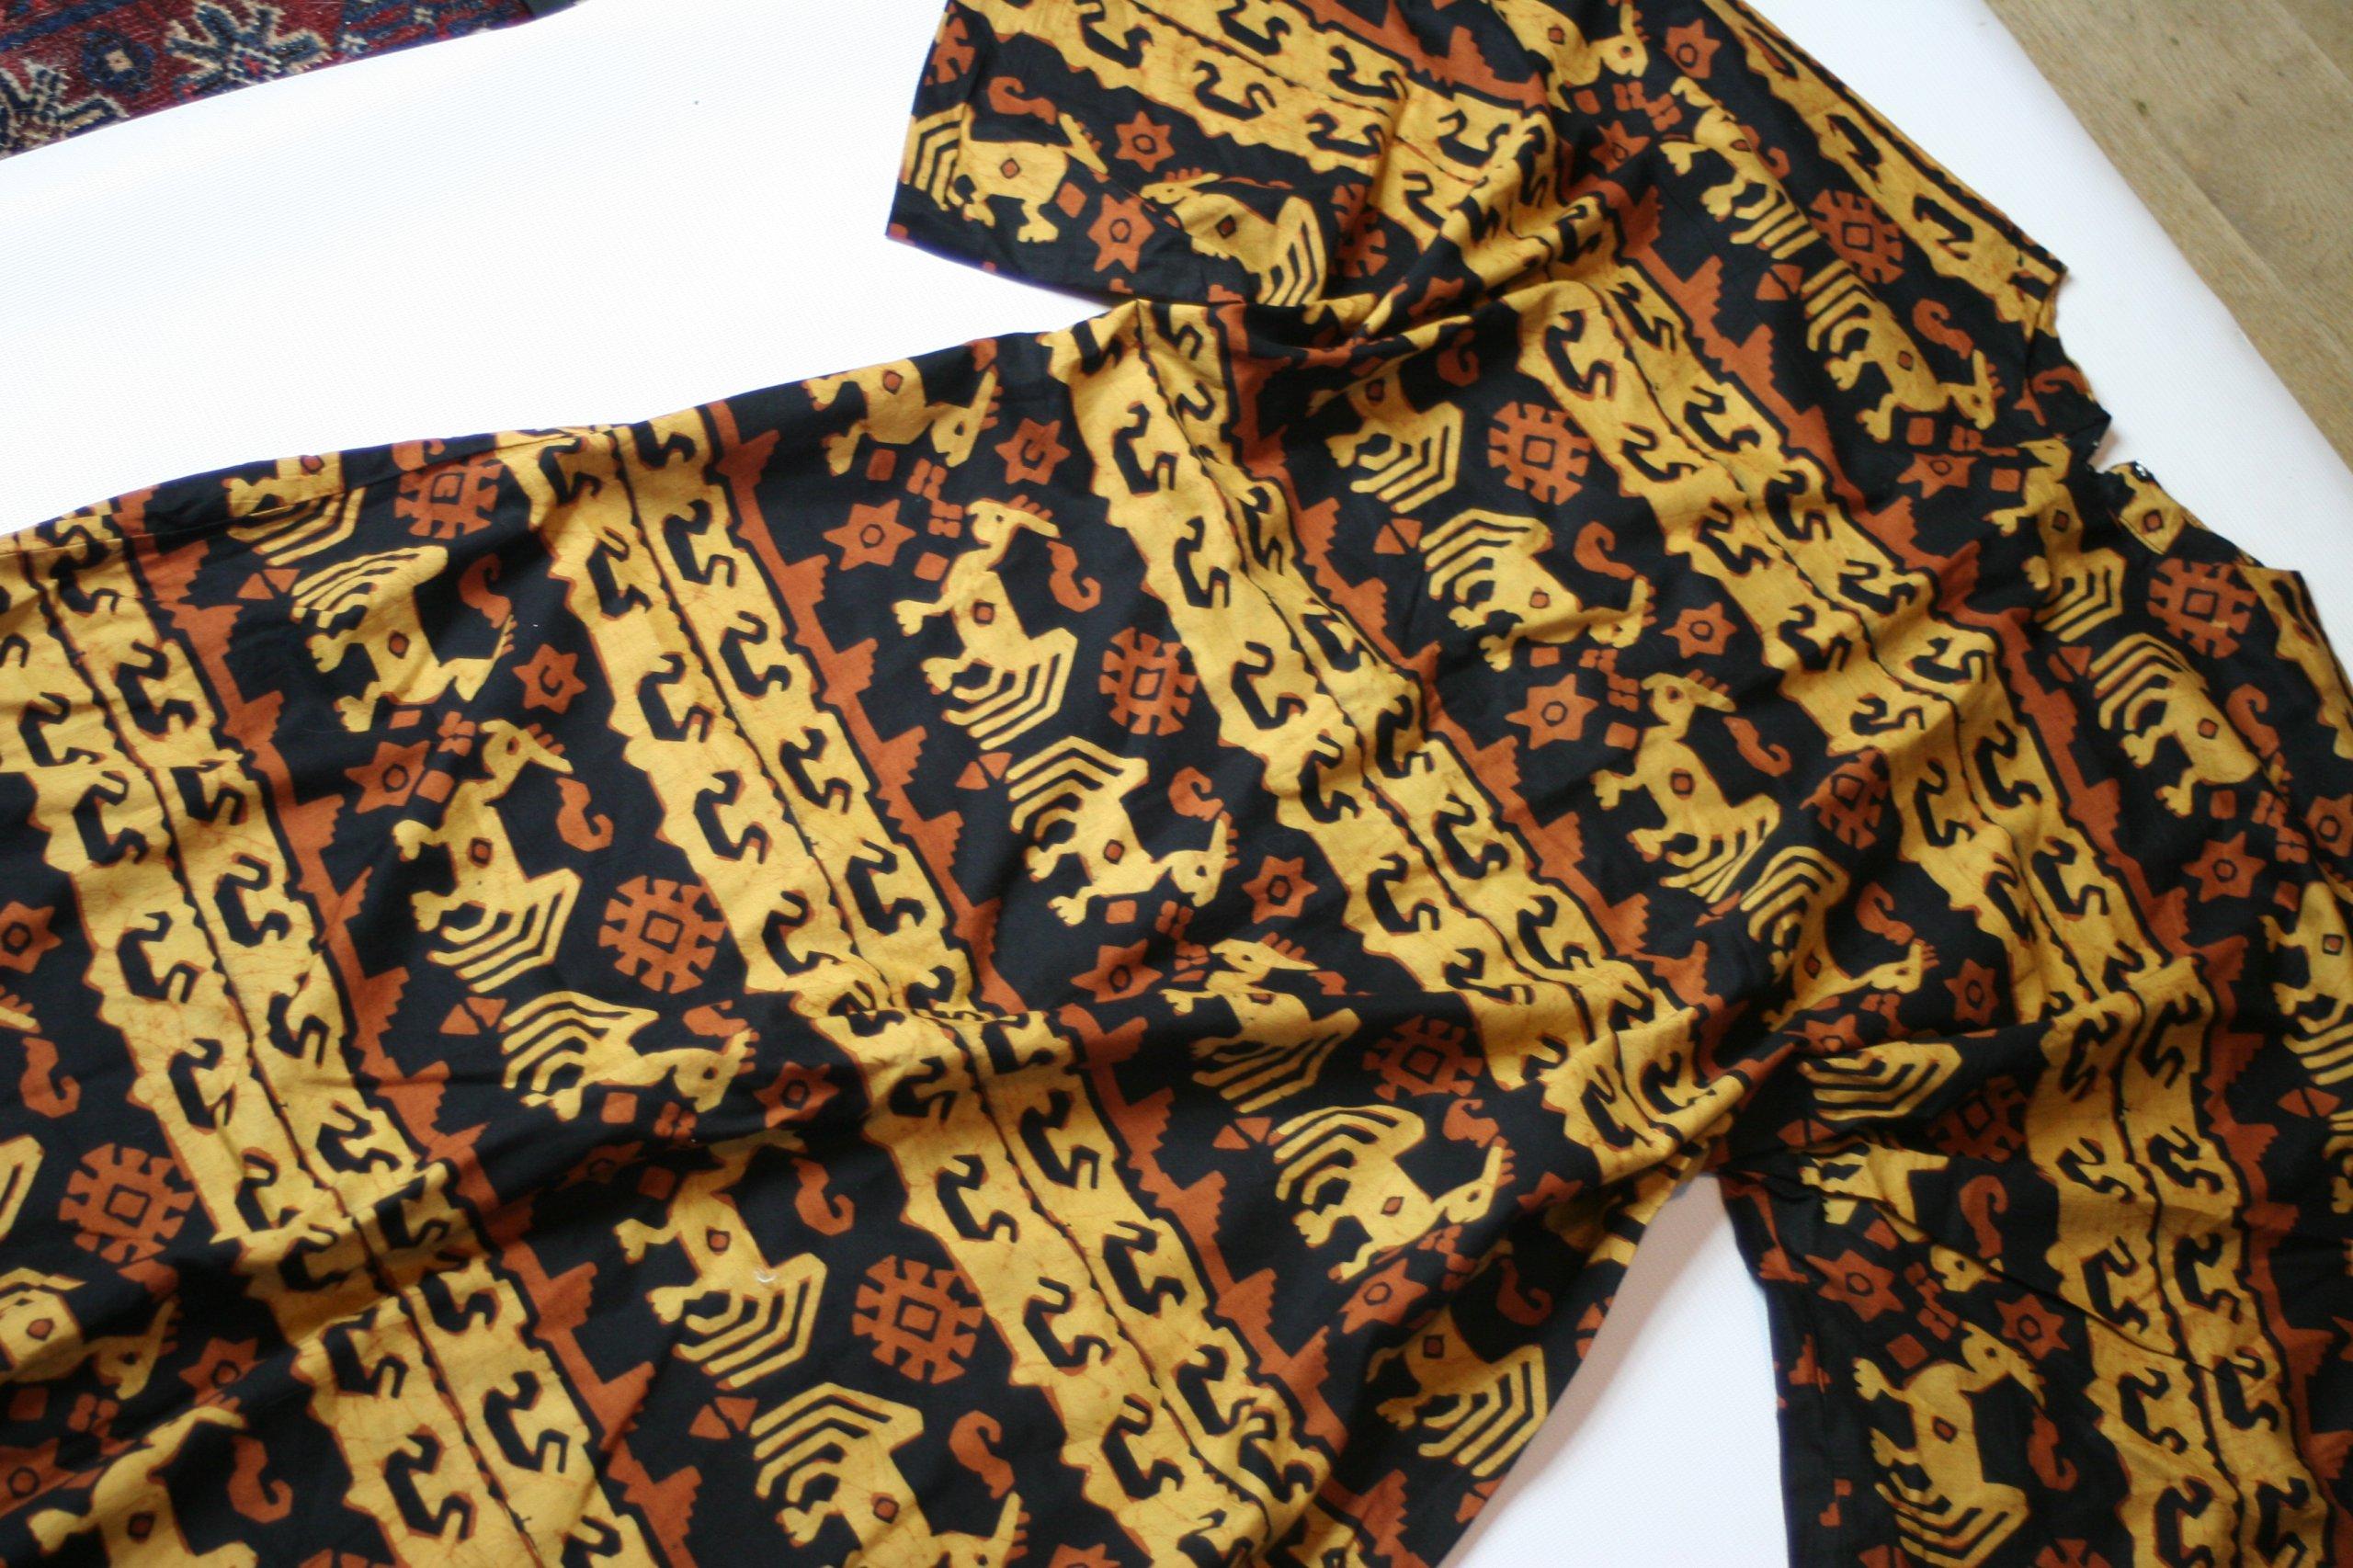 batik etno hippie retro BOHO vintage grunge